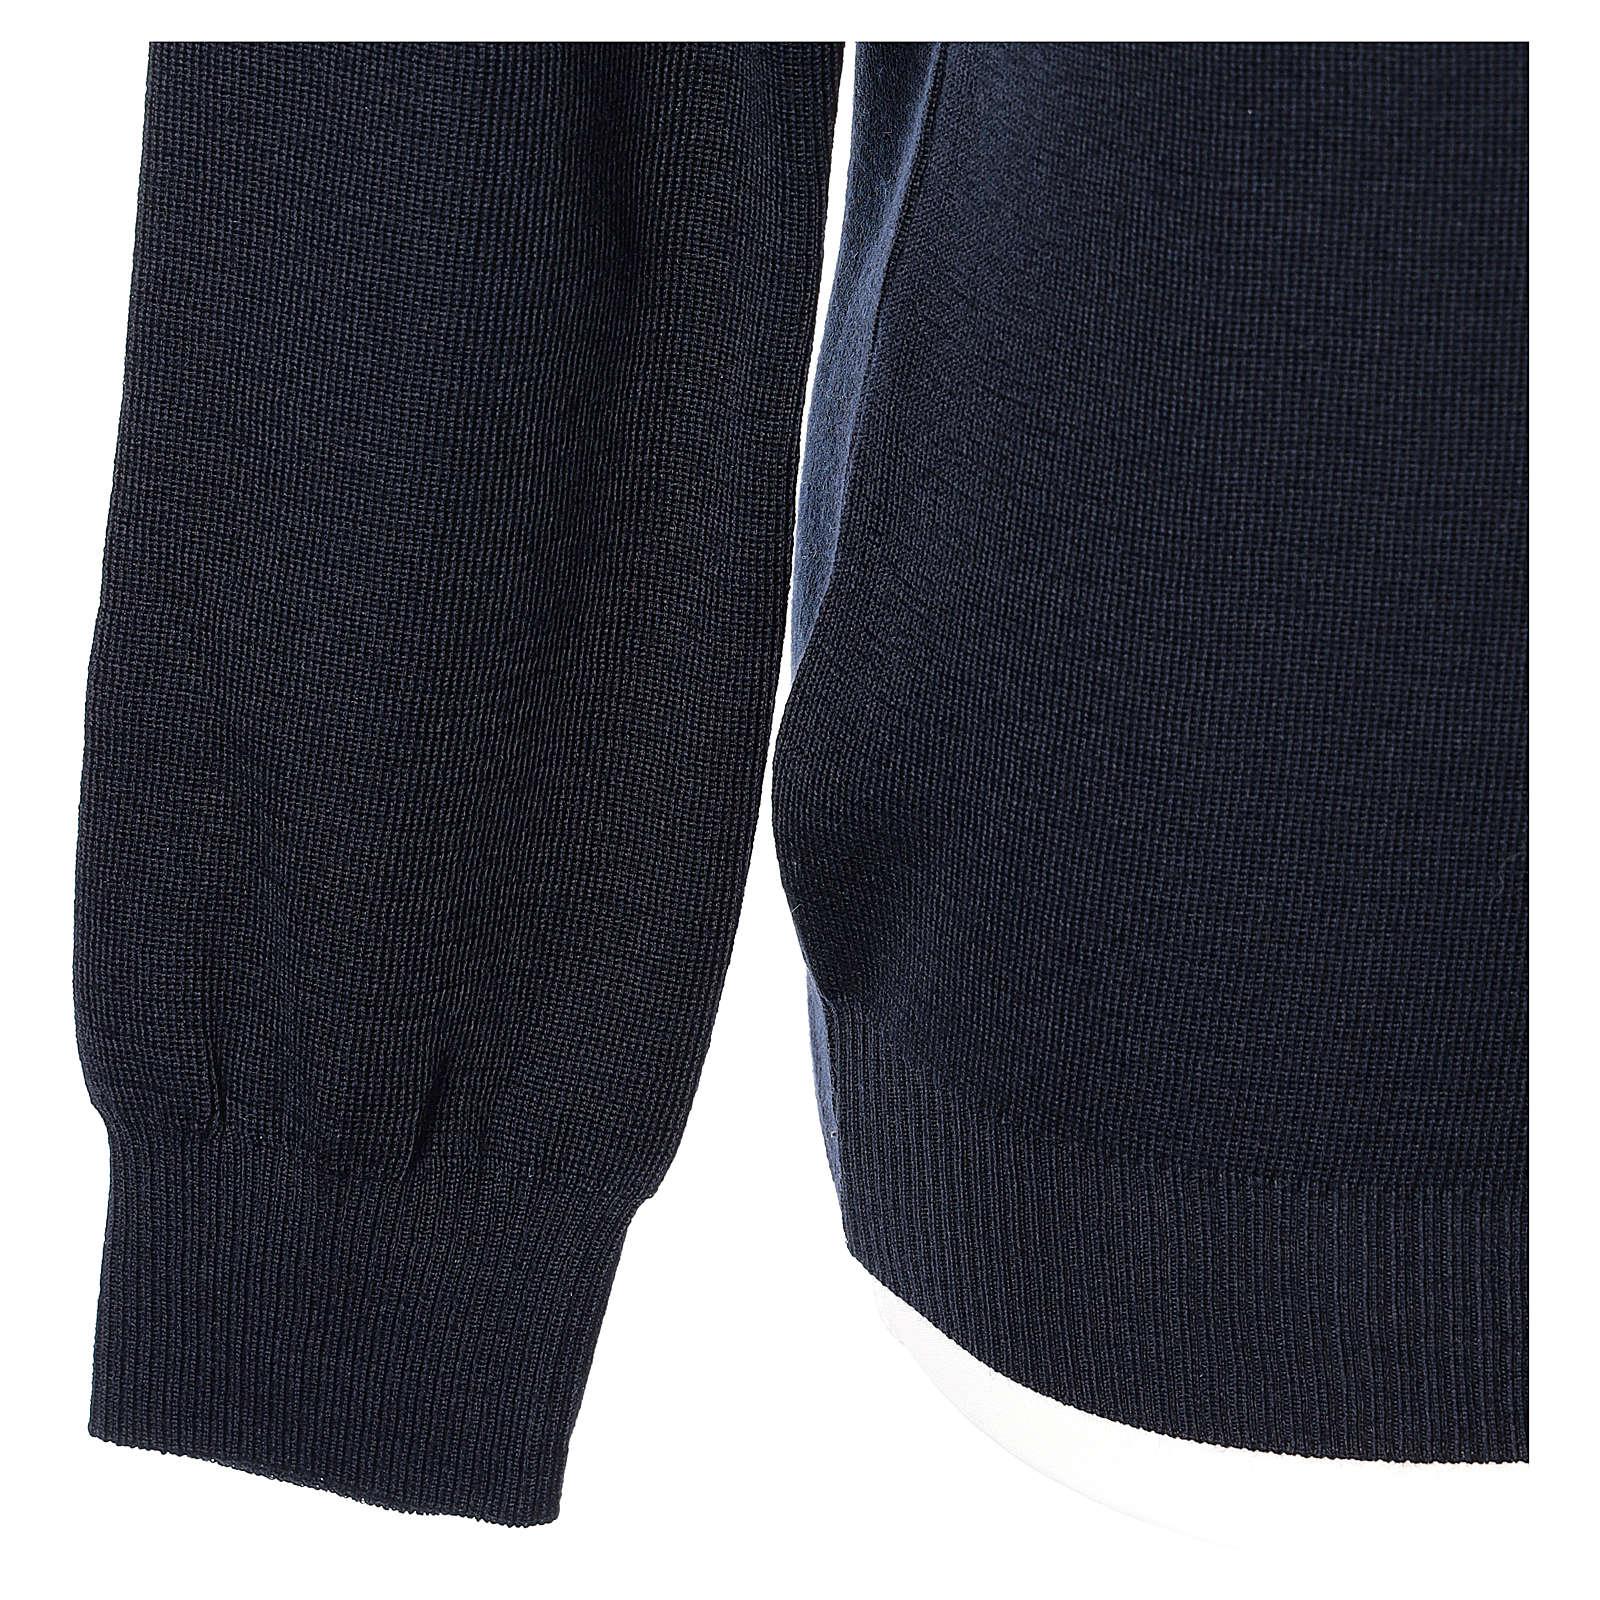 Pullover sacerdote scollo a V blu in maglia unita 50% lana merino 50% acrilico In Primis 4